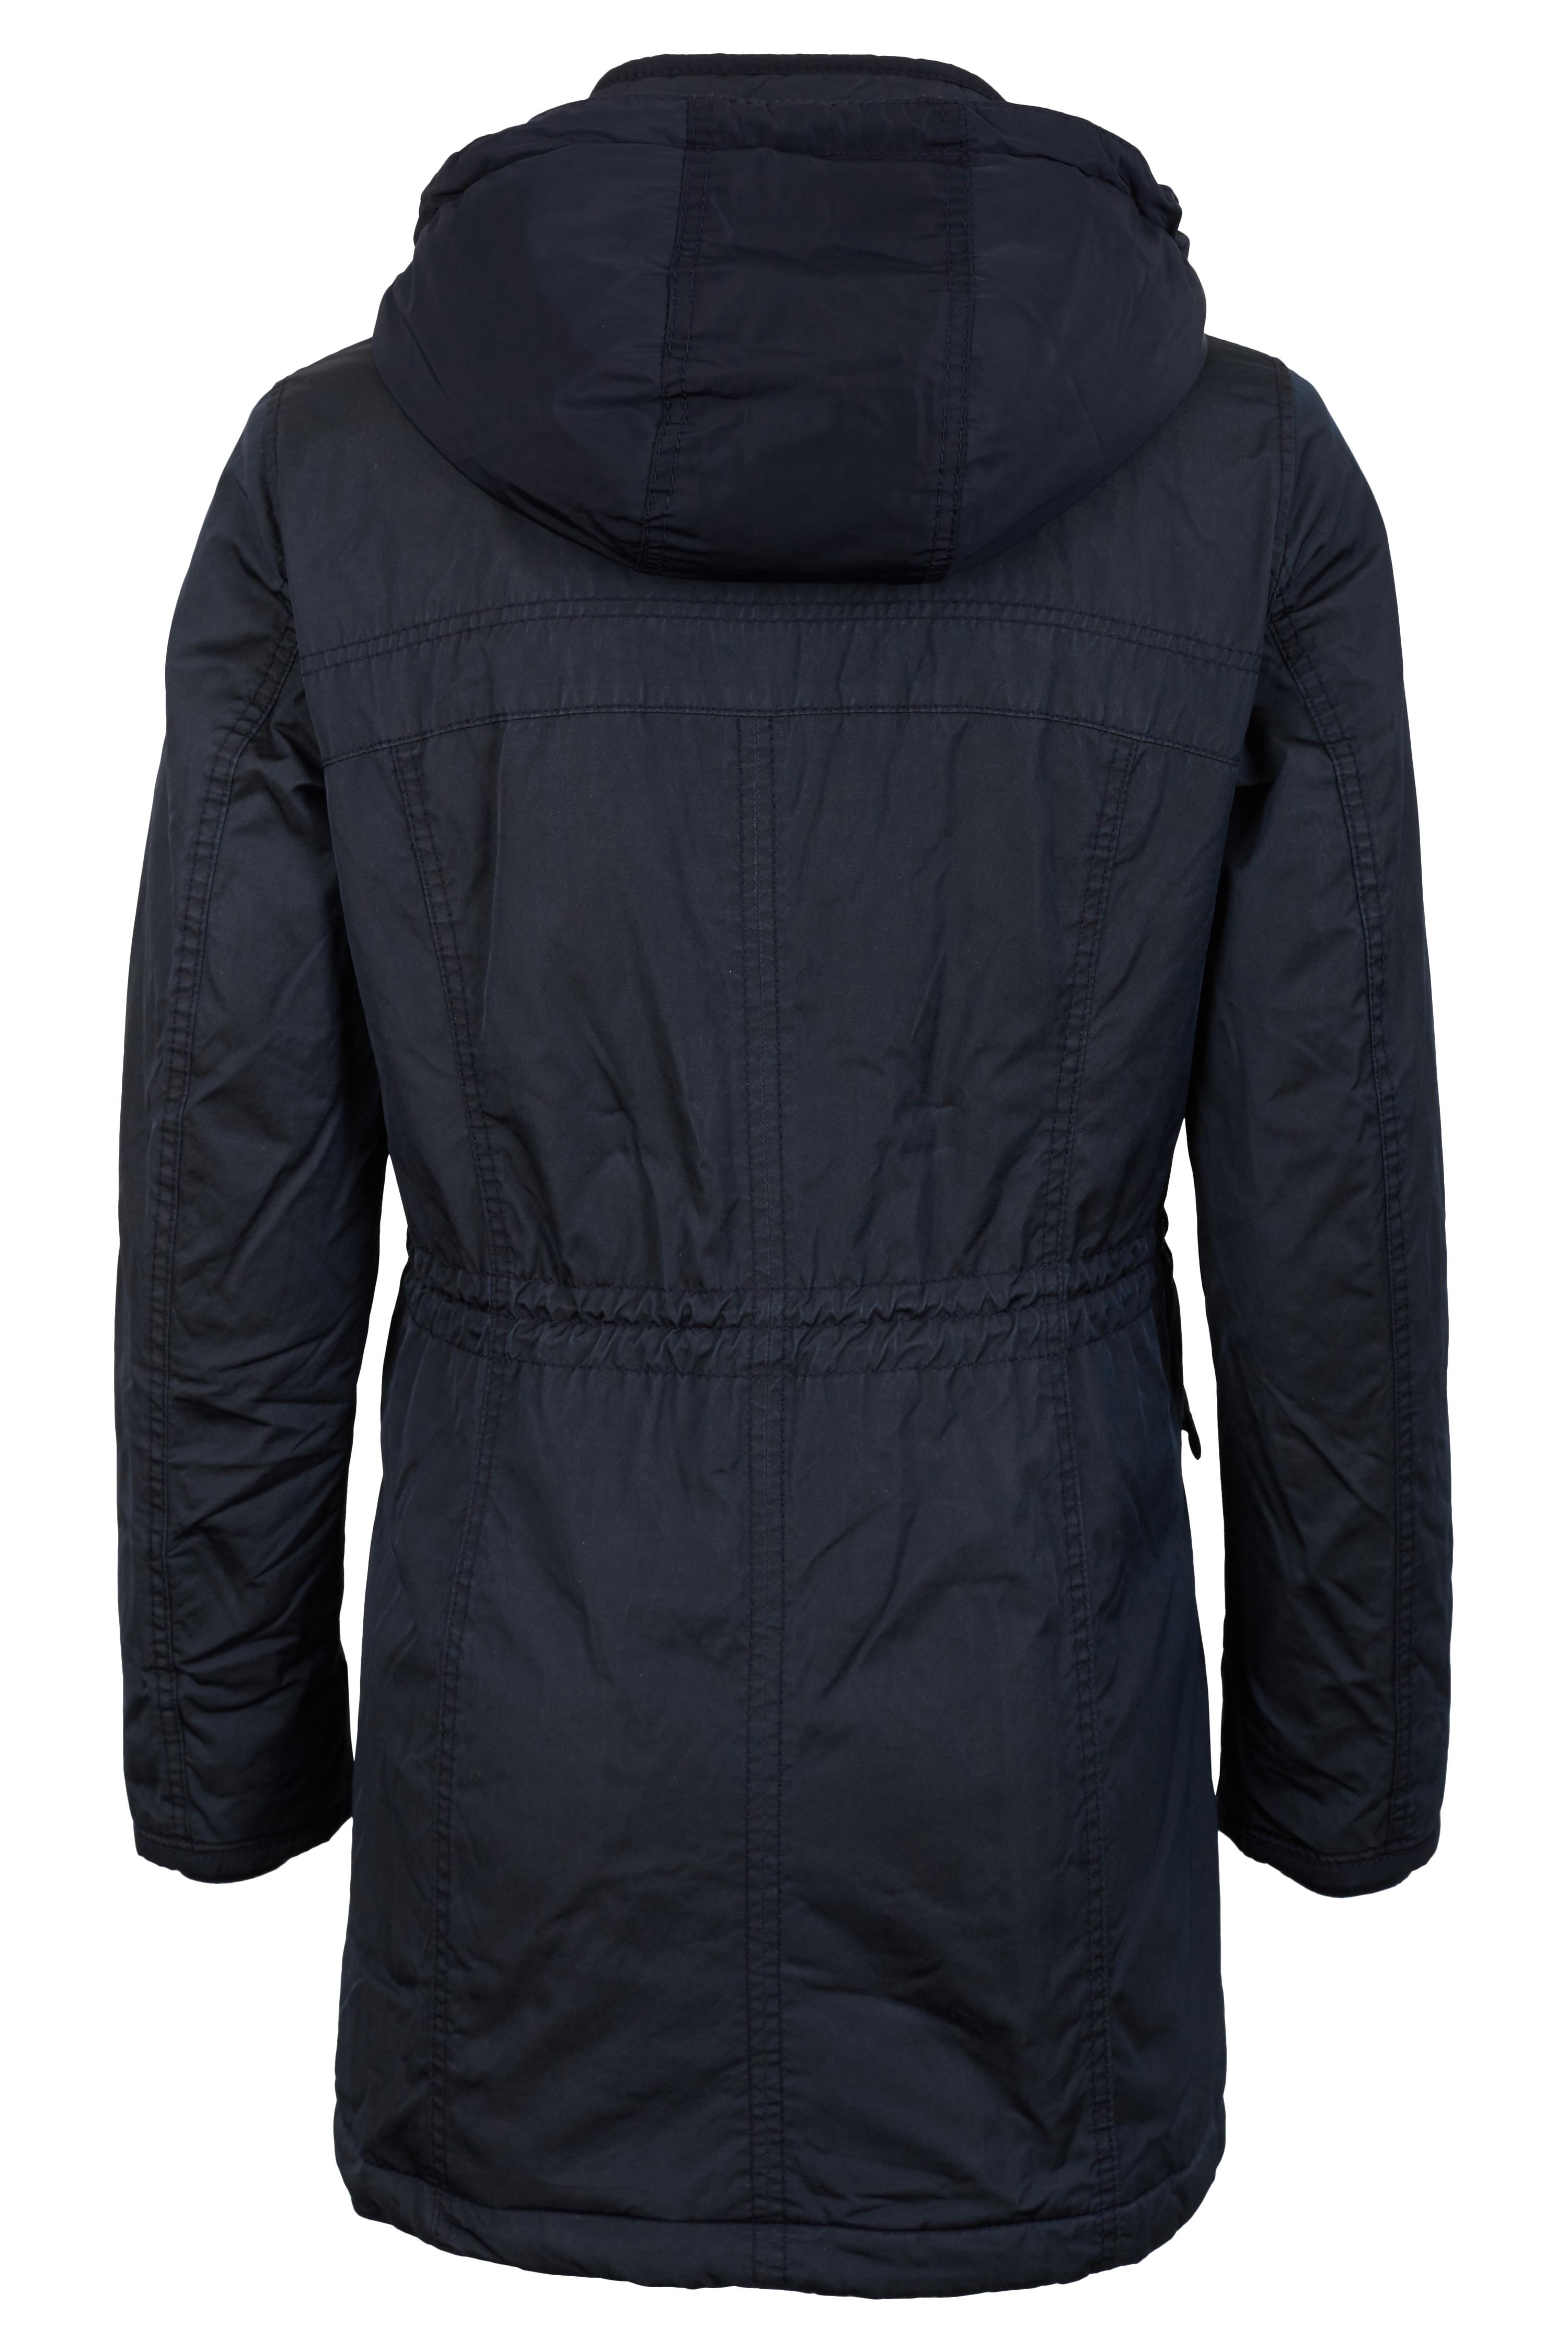 camel active damen mantel mit abtrennbarer kapuze blau. Black Bedroom Furniture Sets. Home Design Ideas